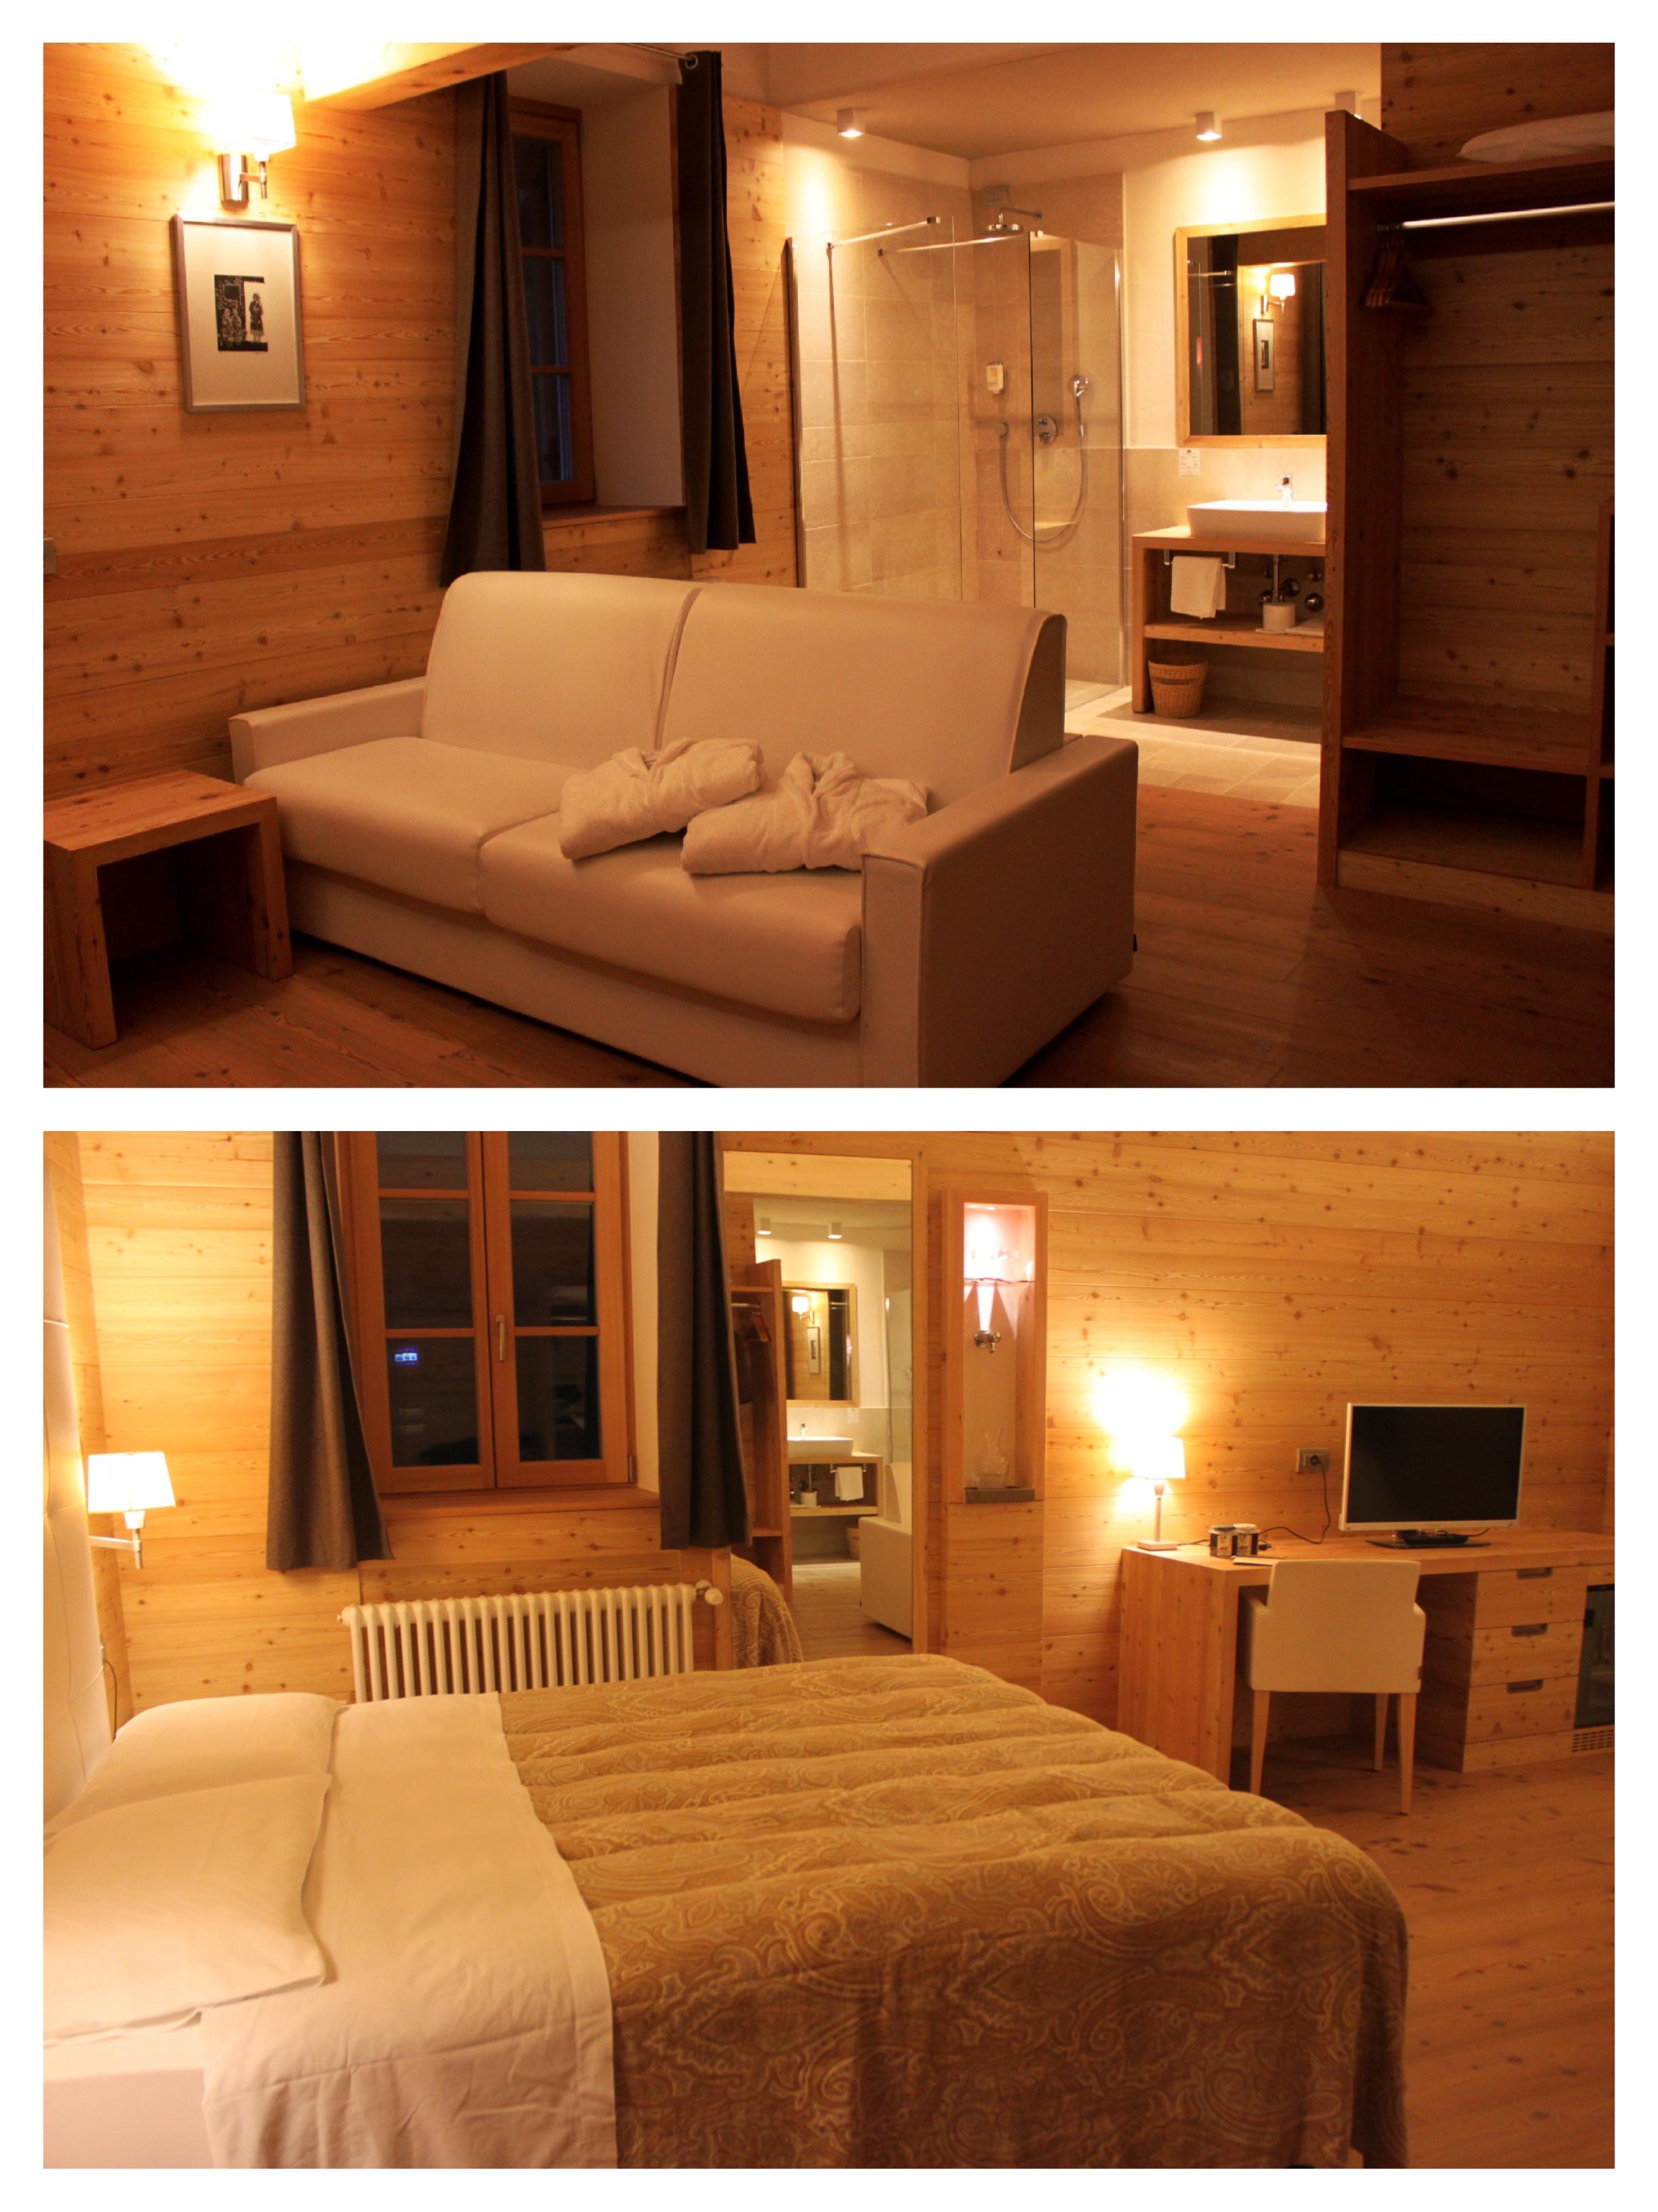 camera da letto hotel costabella moena, passo san pellegrino2